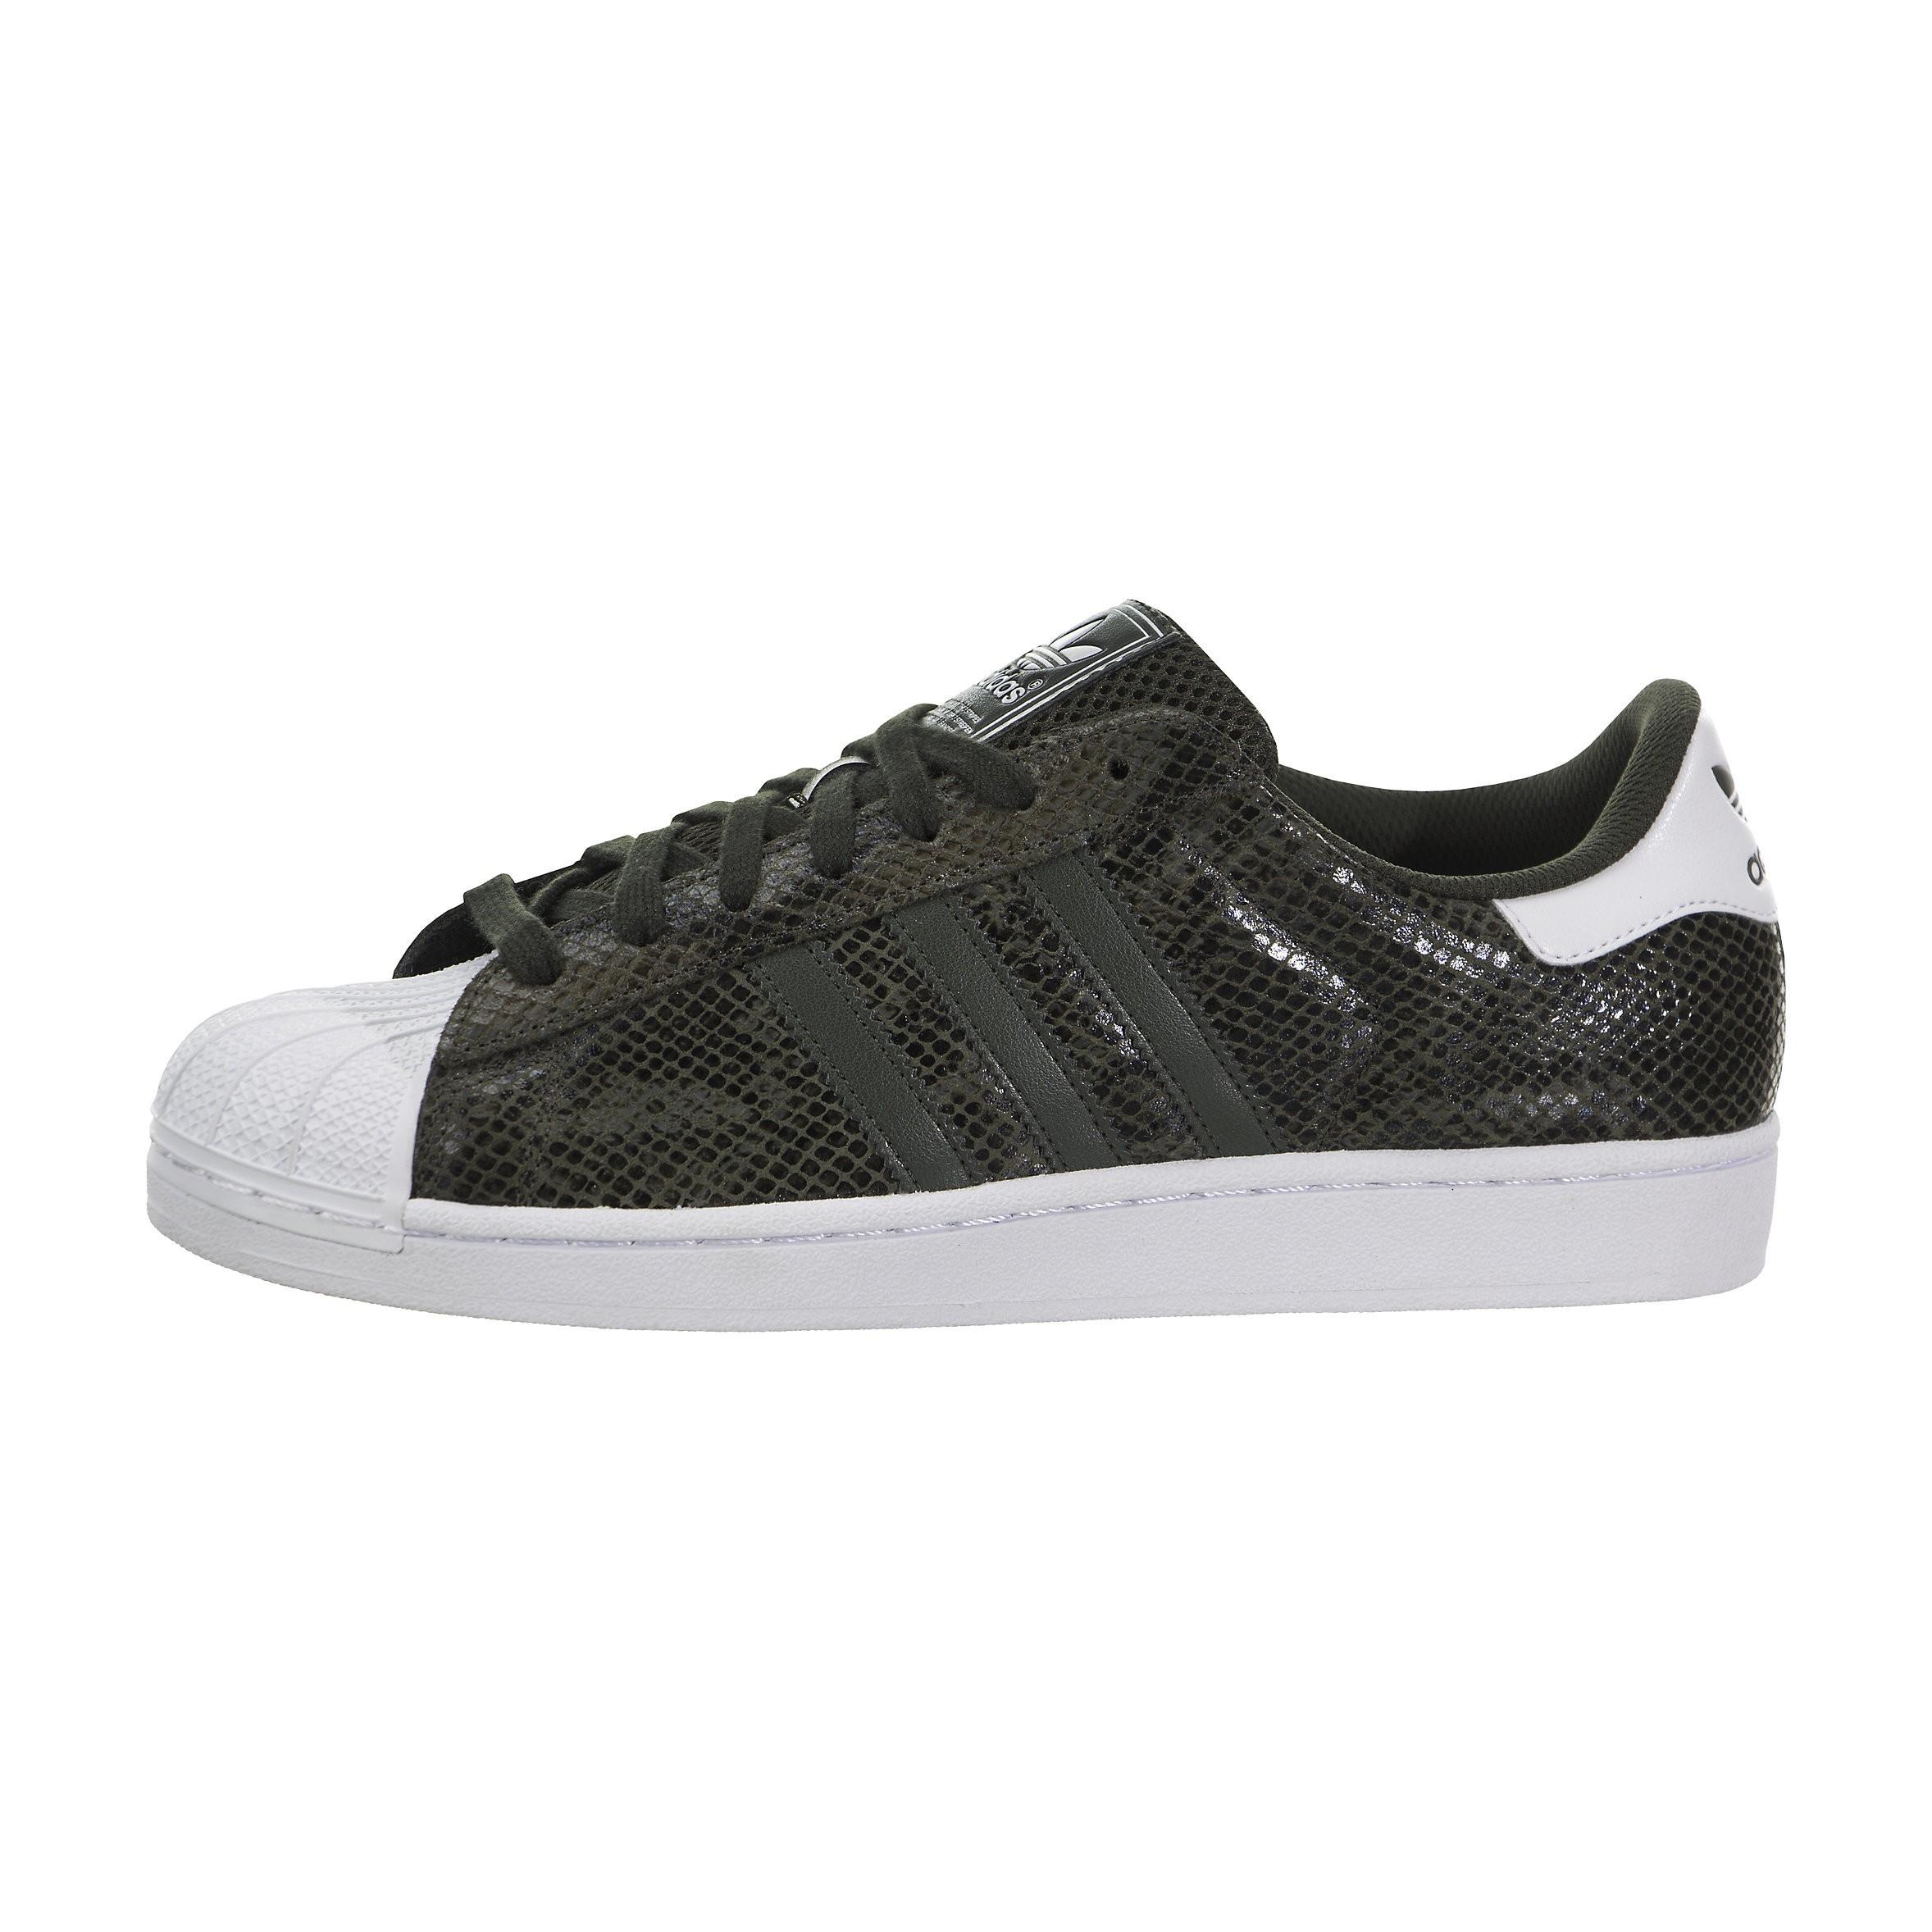 Adidas Originals Superstar 2 Hombre Zapatilla Night Cargo/Blancas S84873